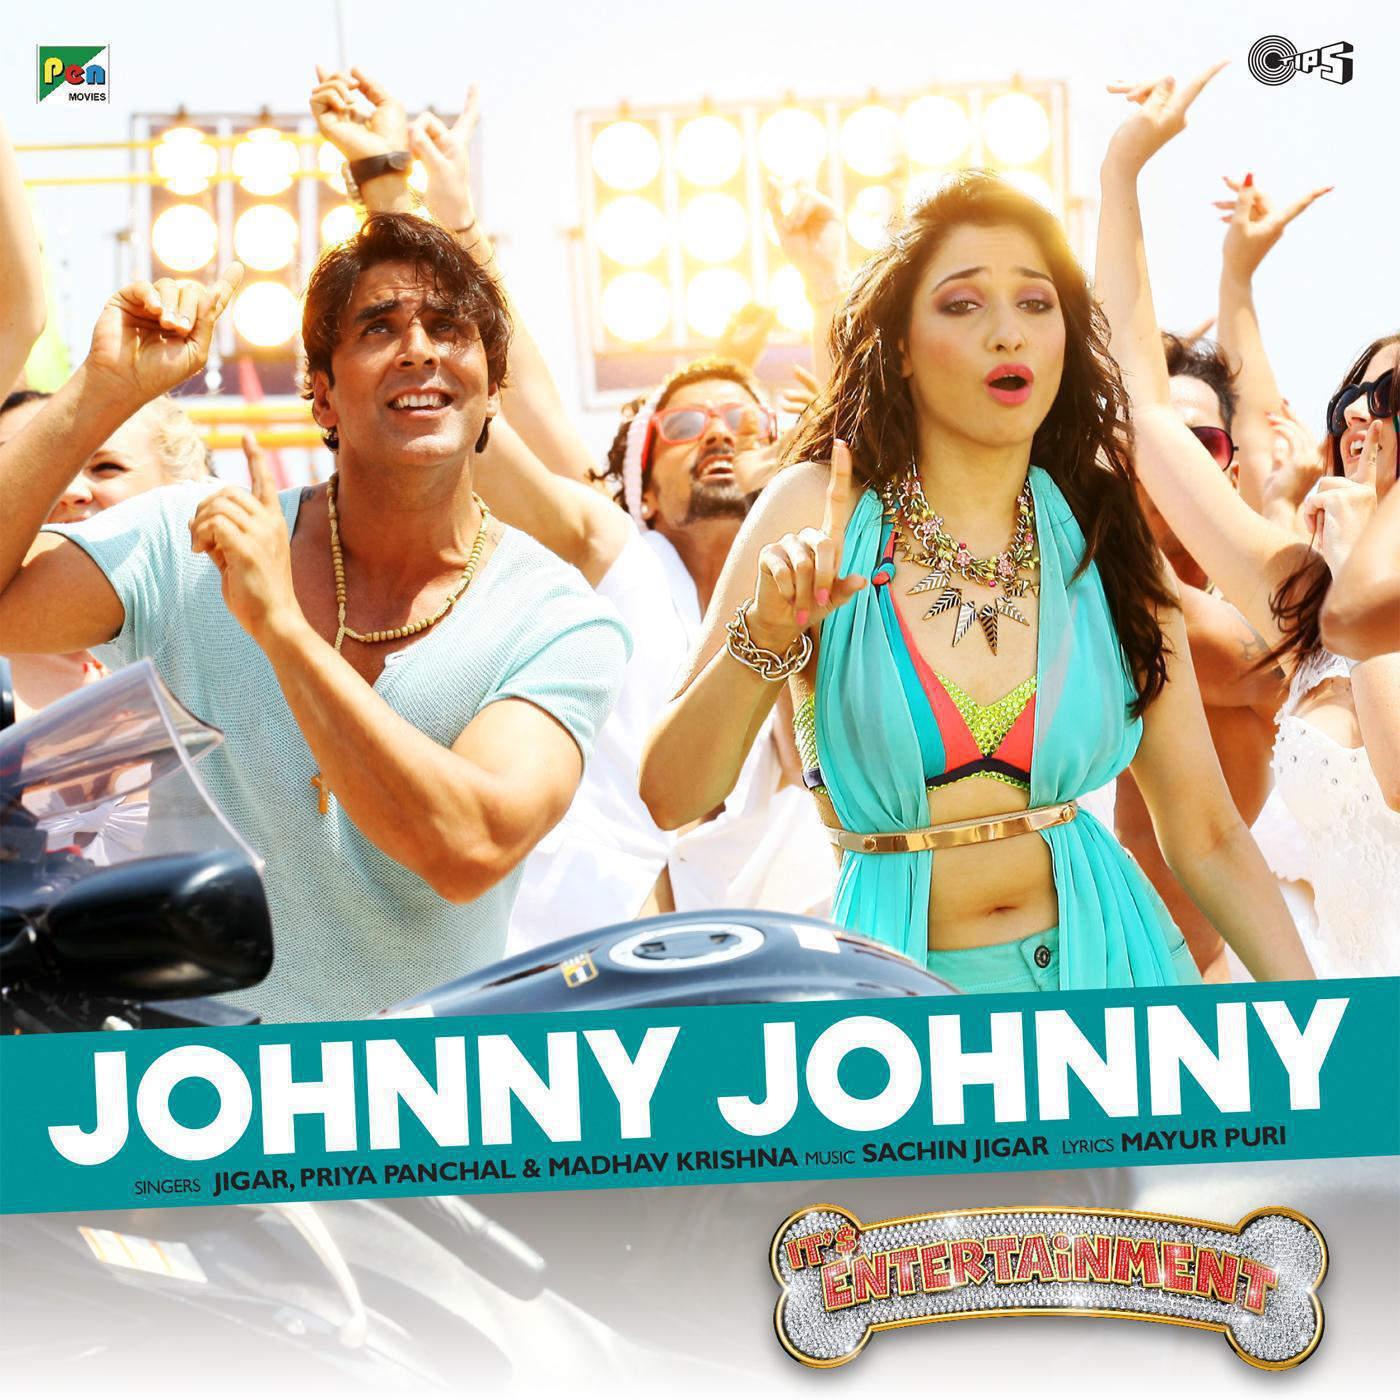 """Sachin-Jigar, Priya Saraiya & Madhav Krishnan - Johnny Johnny (From """"It's Entertainment"""") - Single"""